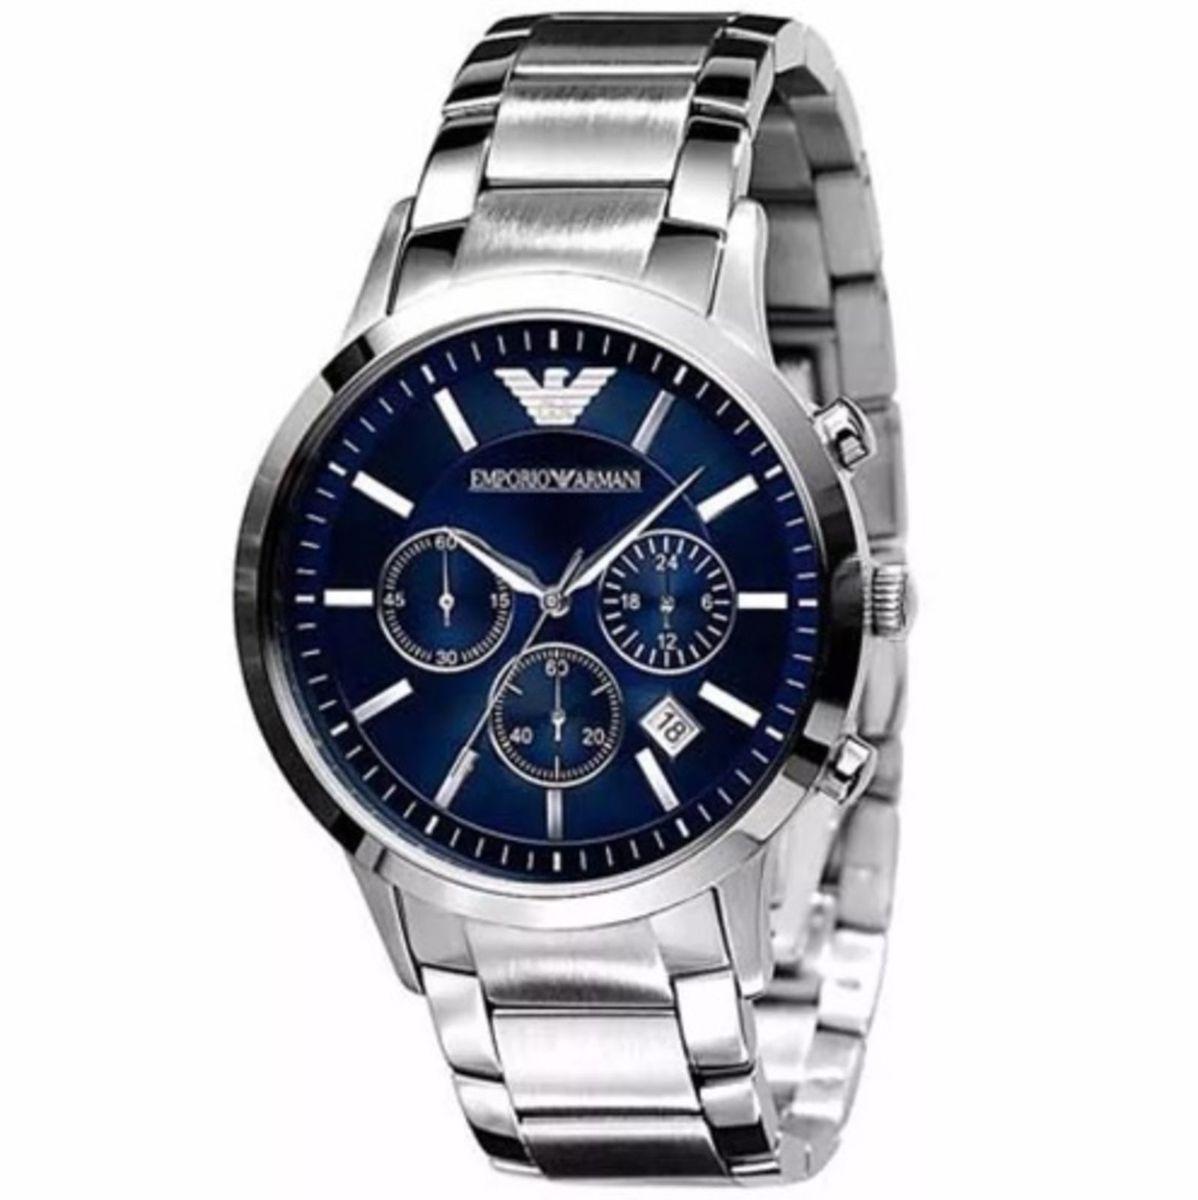 e933532e449 relógio emporio armani ar2448 aço escovado azul original - relógios emporio  armani